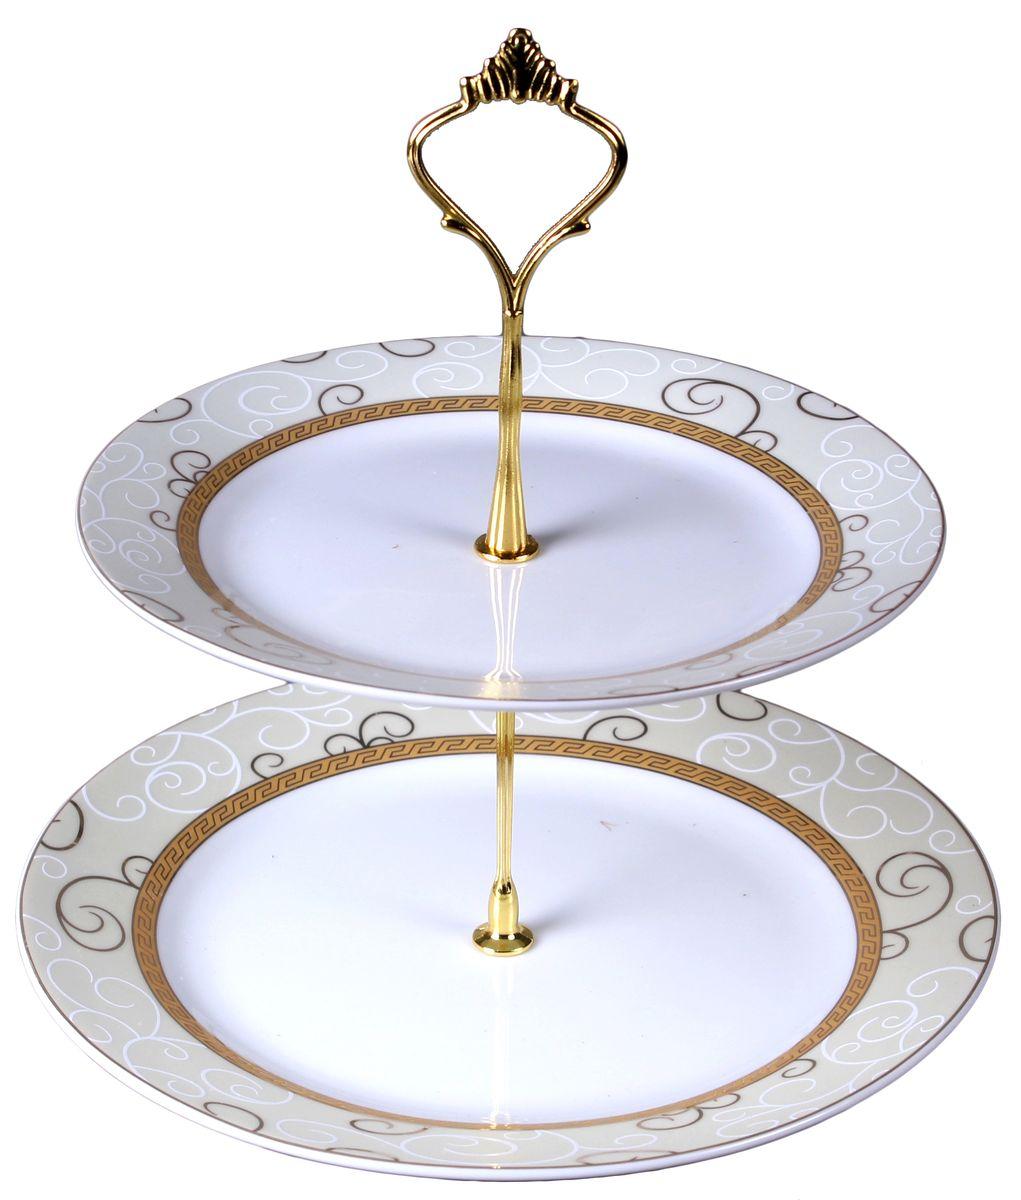 Фруктовница Olaff, 2-ярусная. JDFG-CPS2-012JDFG-CPS2-012Двухъярусная фруктовница Olaff выполнена из фарфора в виде двухблюд на изящной ножке и декорирована золотом. Изделие оснащено ручкой для удобной переноски. Фруктовница Olaff станет идеальным украшением любой кухни или прекраснымподарком для вас и ваших близких.